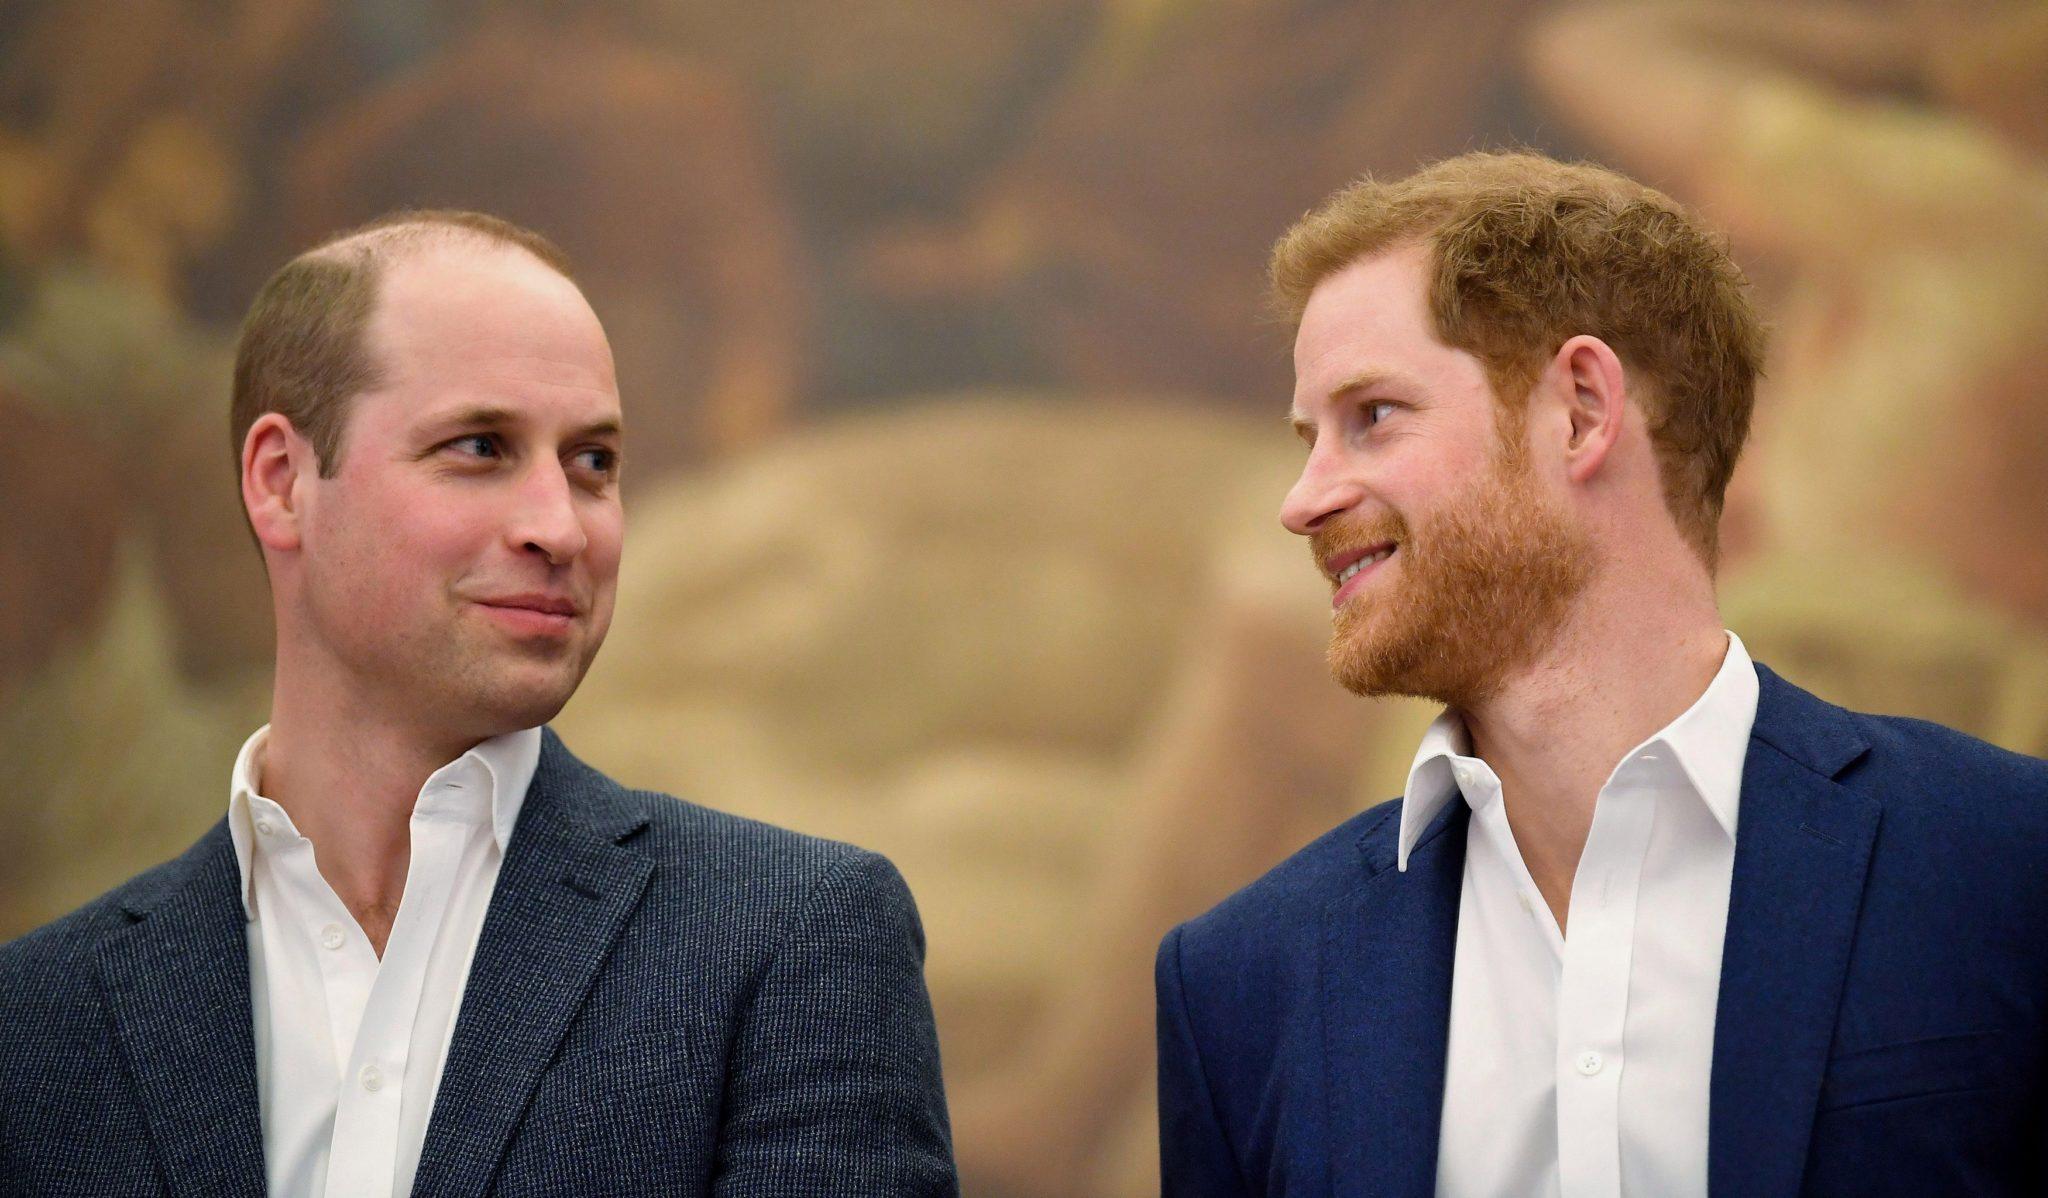 Príncipe Harry y príncipe William